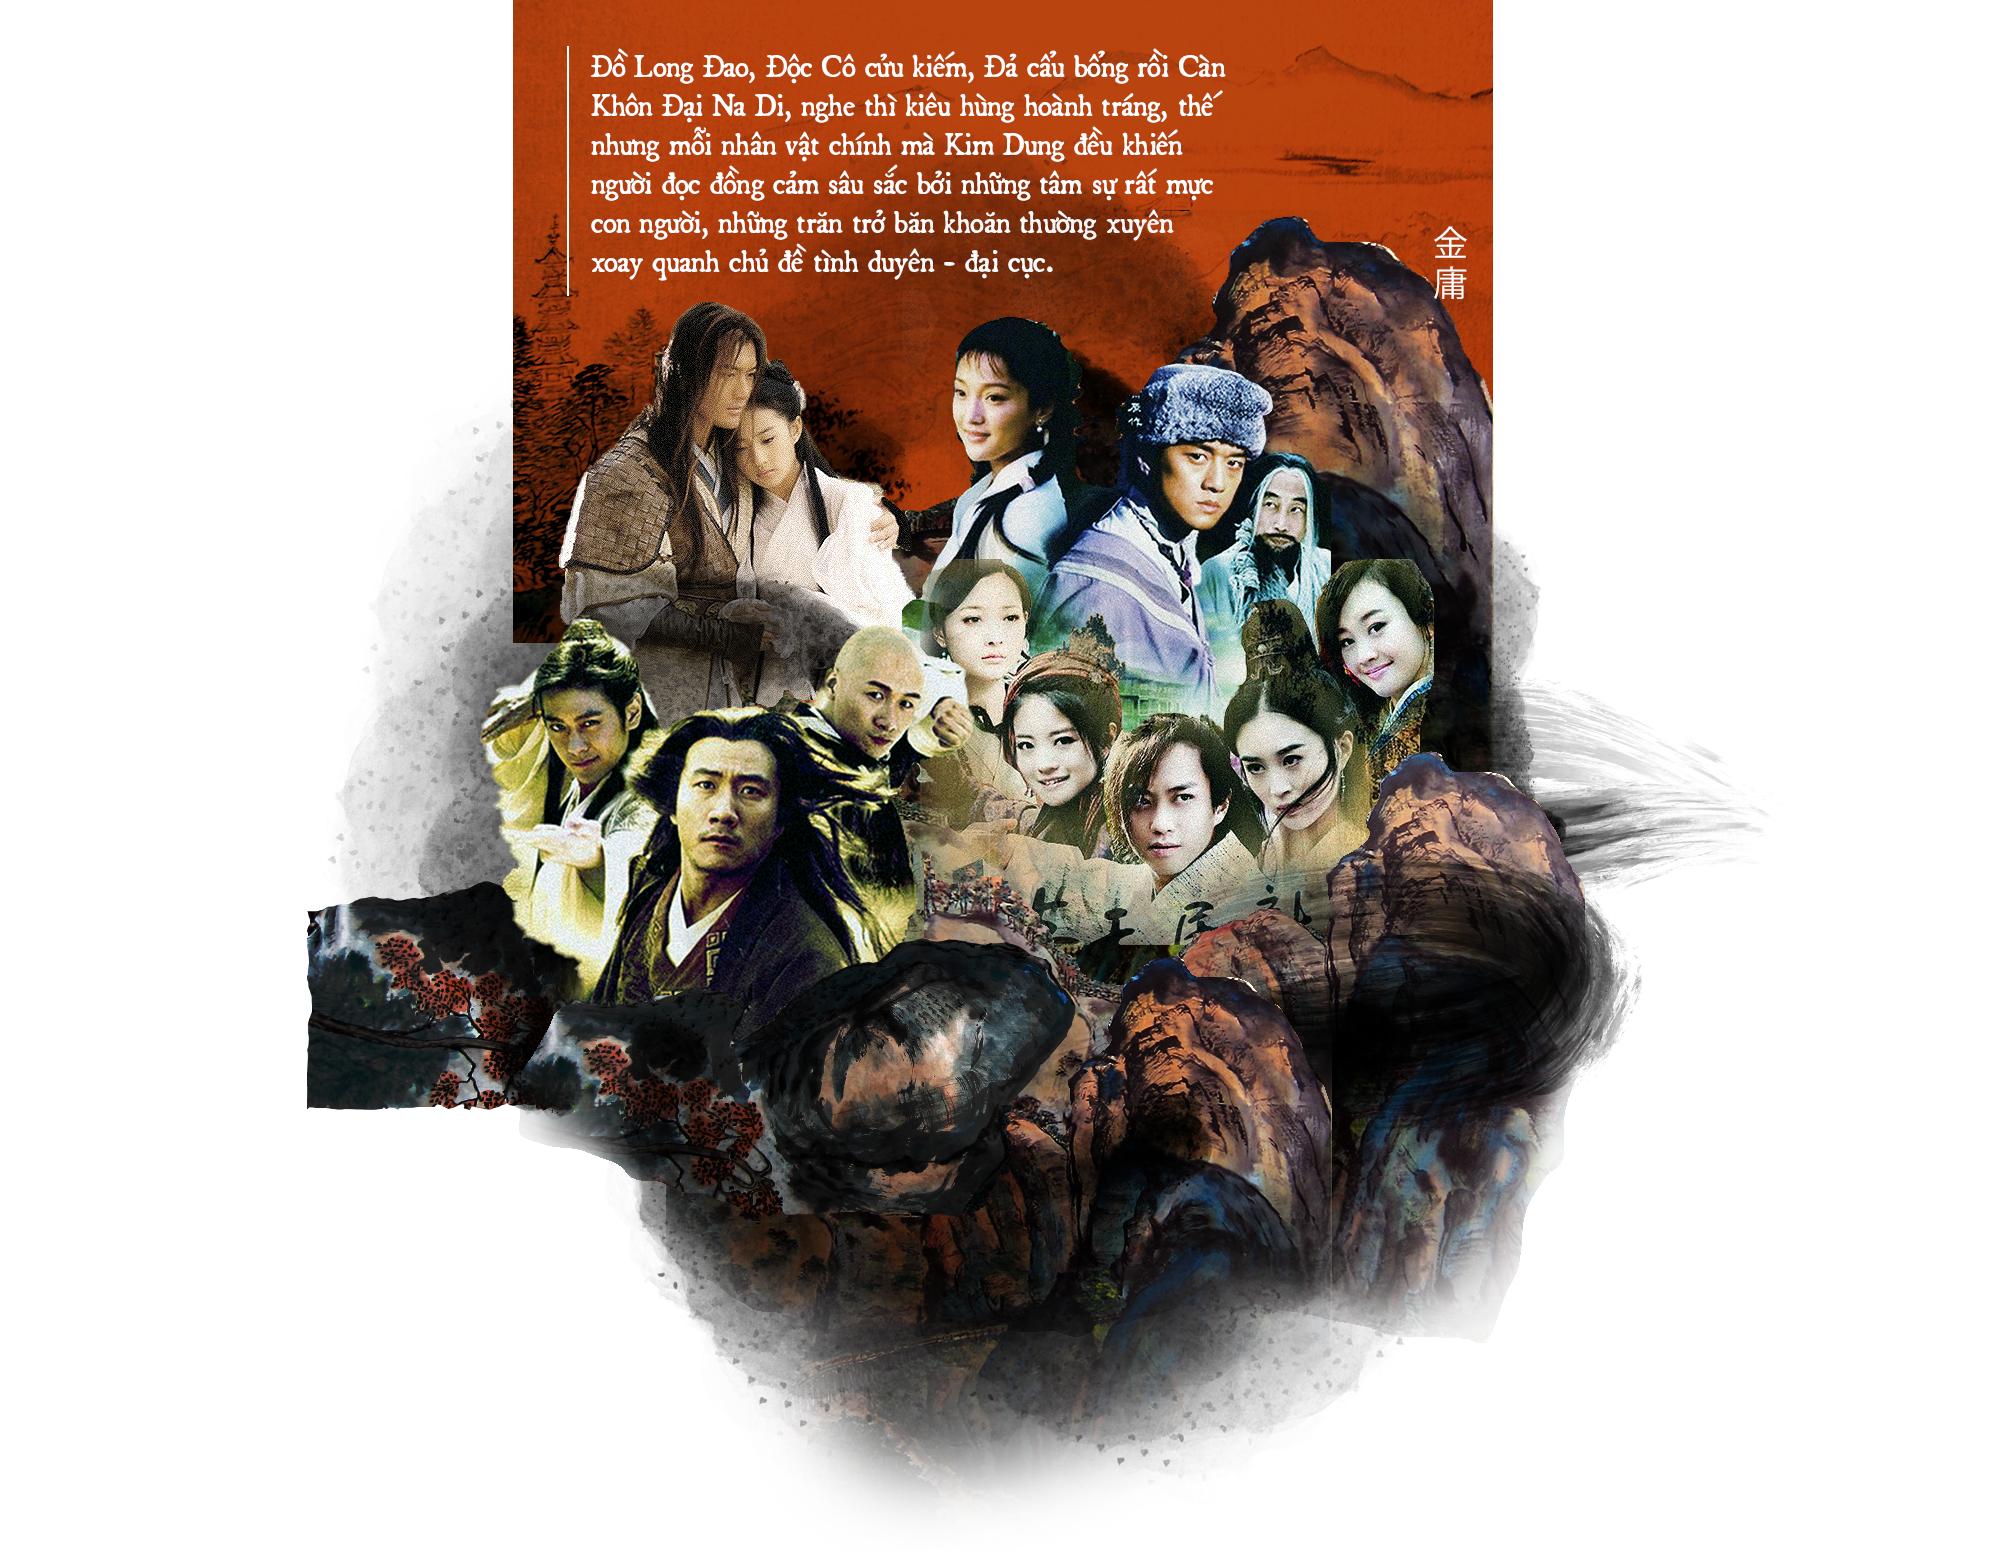 Di sản đồ sộ của Kim Dung: Chương hồi bất tận và những cuộc hành trình đi tìm chân - thiện - mỹ - Ảnh 8.